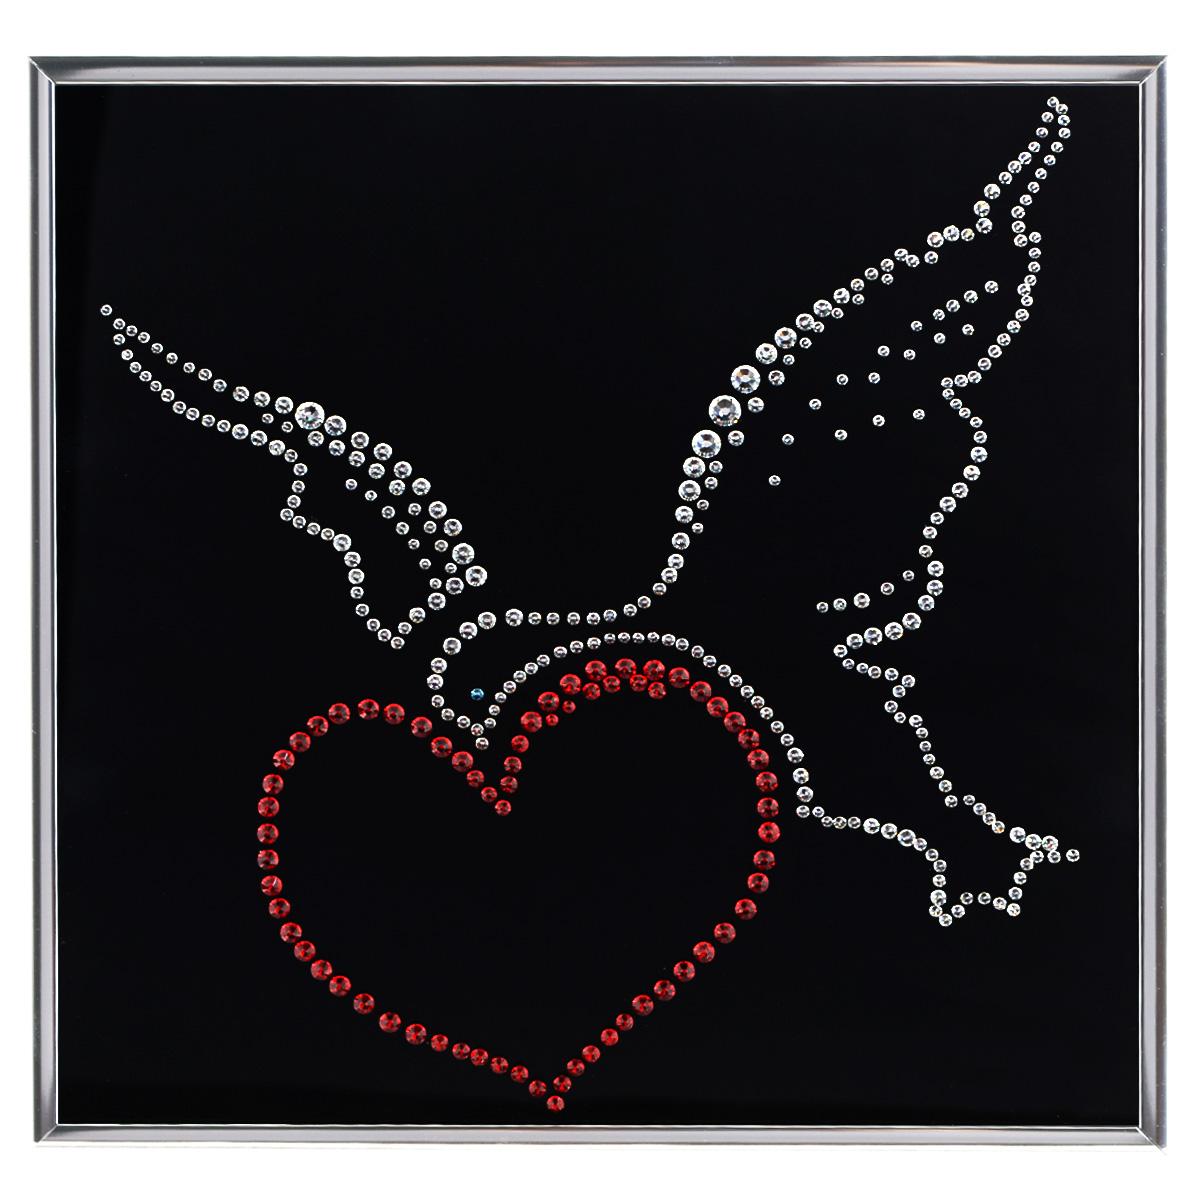 Картина с кристаллами Swarovski Птица счастья, 25 см х 25 см12723Изящная картина в металлической раме, инкрустирована кристаллами Swarovski, которые отличаются четкой и ровной огранкой, ярким блеском и чистотой цвета. Красочное изображение сердца с птицей, расположенное под стеклом, прекрасно дополняет блеск кристаллов. С обратной стороны имеется металлическая петелька для размещения картины на стене. Картина с кристаллами Swarovski Птица счастья элегантно украсит интерьер дома или офиса, а также станет прекрасным подарком, который обязательно понравится получателю. Блеск кристаллов в интерьере, что может быть сказочнее и удивительнее. Картина упакована в подарочную картонную коробку синего цвета и комплектуется сертификатом соответствия Swarovski. Количество кристаллов: 352 шт. Размер картины: 25 см х 25 см.